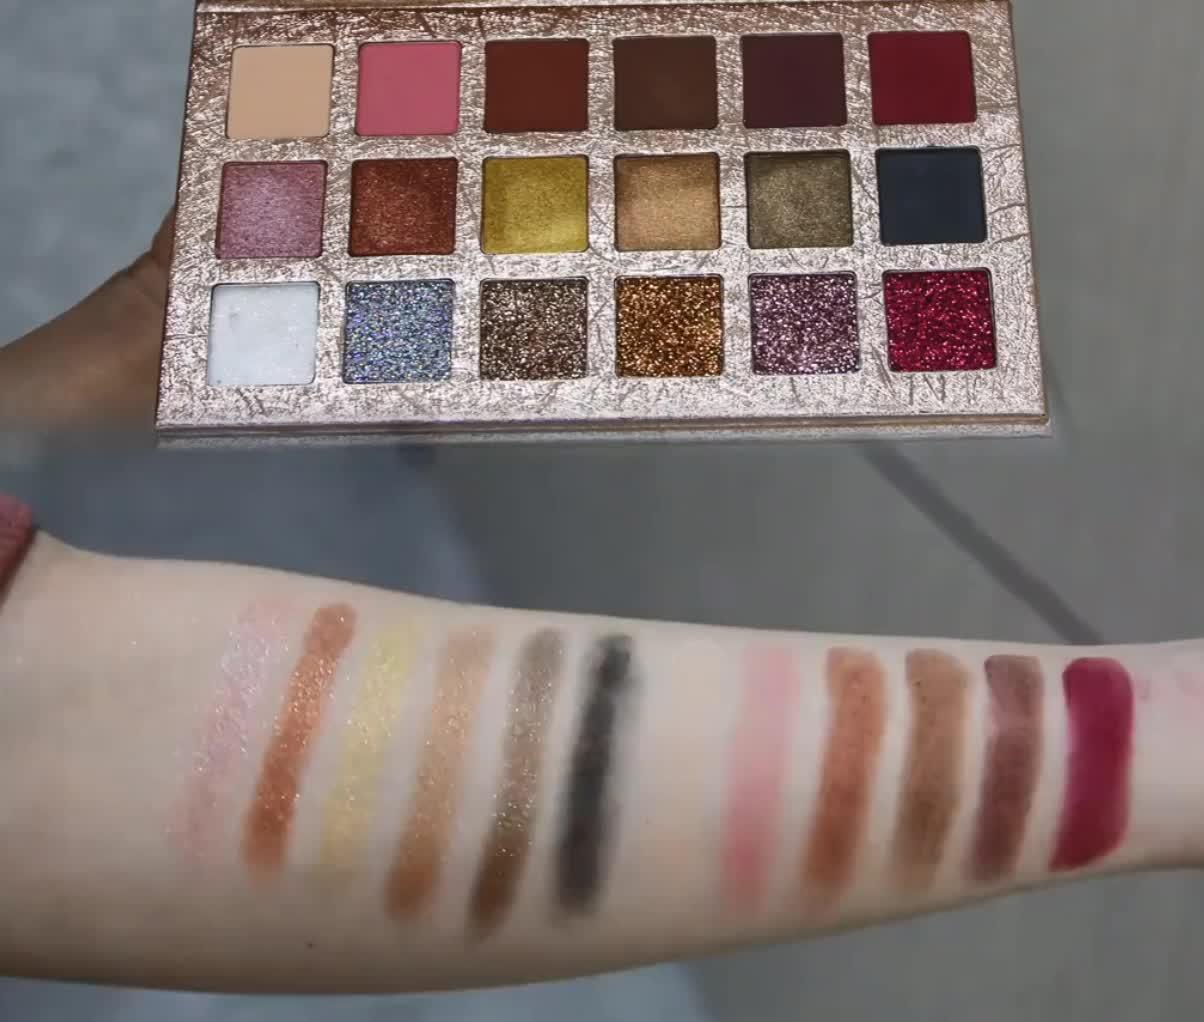 Heißer 18 Farbe Schimmer Glitter Lidschatten Pulver Matt Lidschatten Kosmetik Lidschatten Make-Up